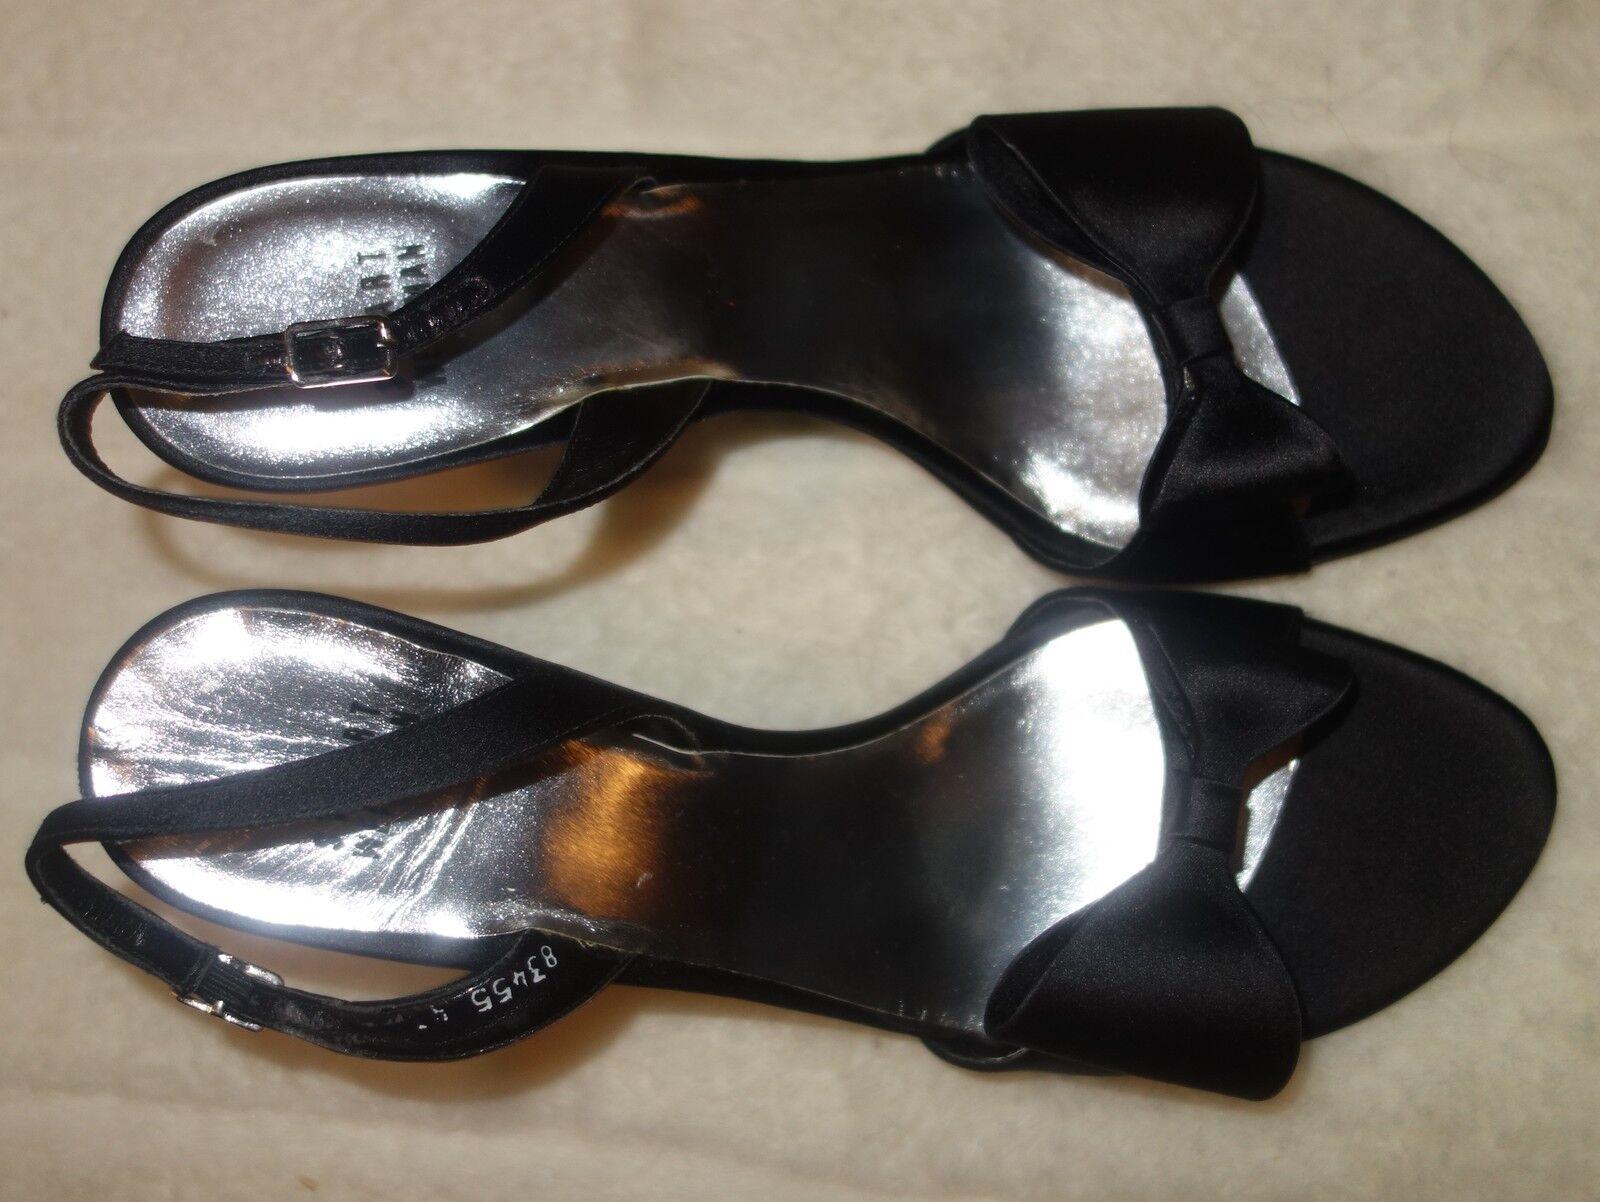 Stuart Weitzman Bowlarama' sandals schwarz schwarz schwarz - sz 41 US SZ 10 new 45b2b0